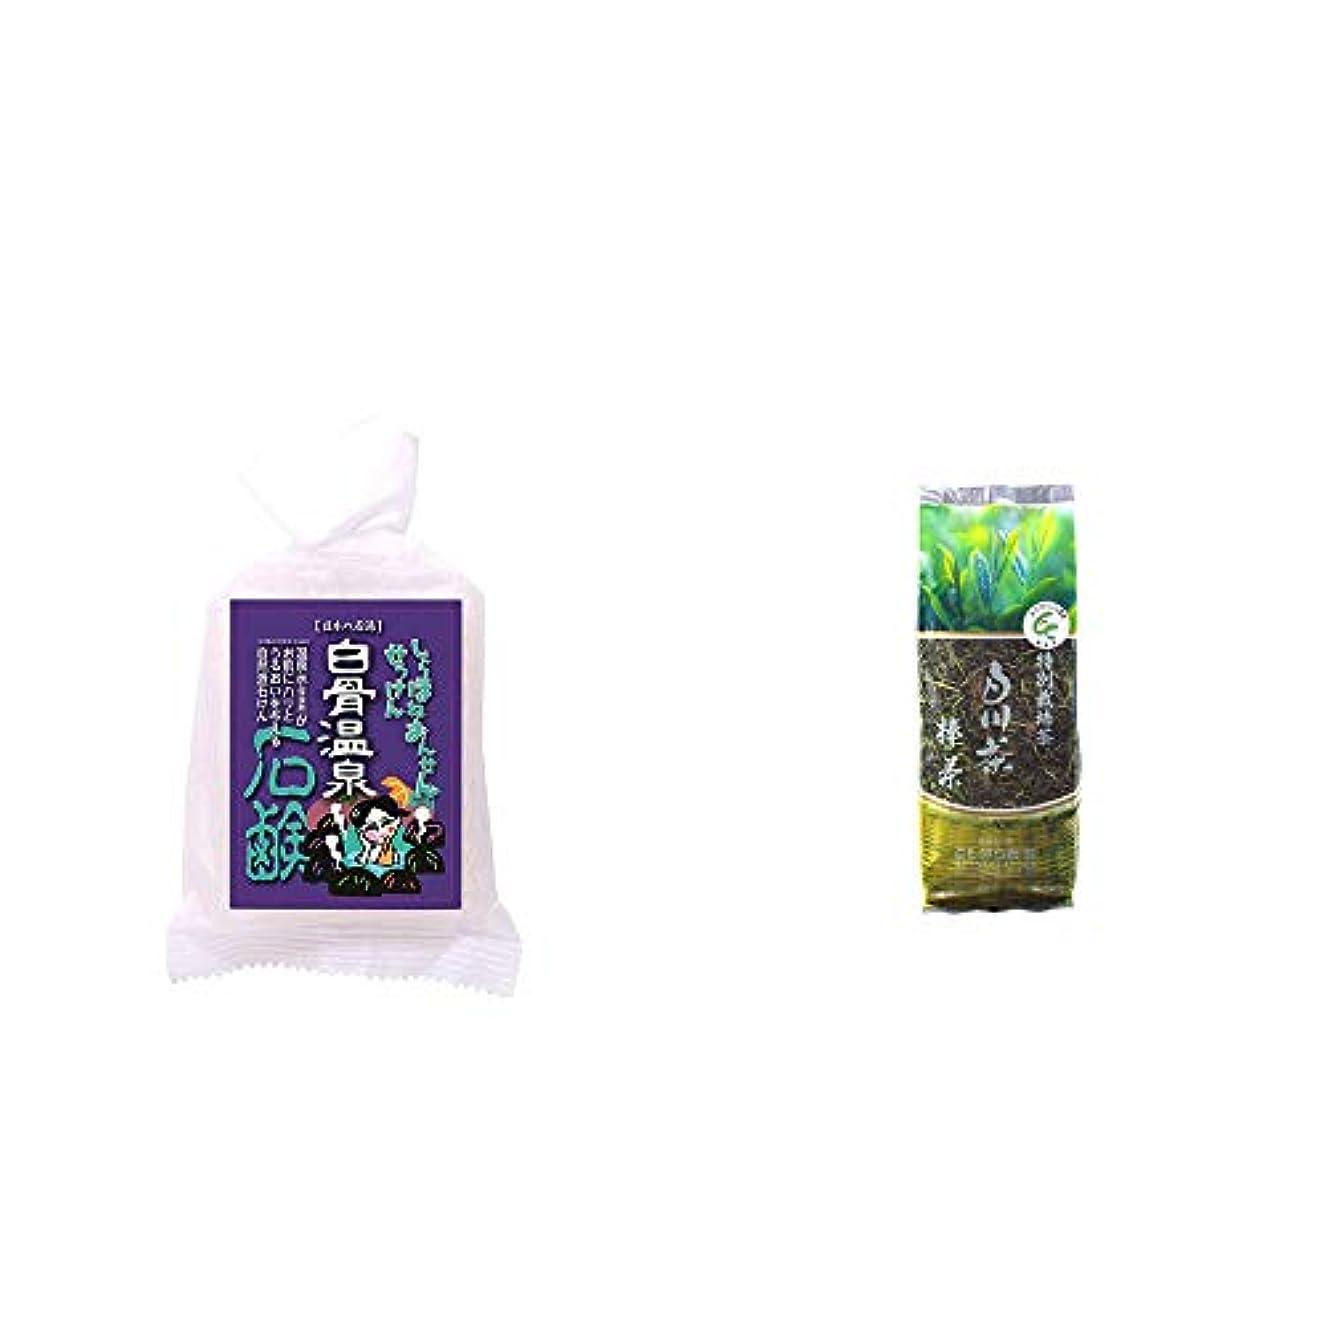 コンソール装置バルセロナ[2点セット] 信州 白骨温泉石鹸(80g)?白川茶 特別栽培茶【棒茶】(150g)